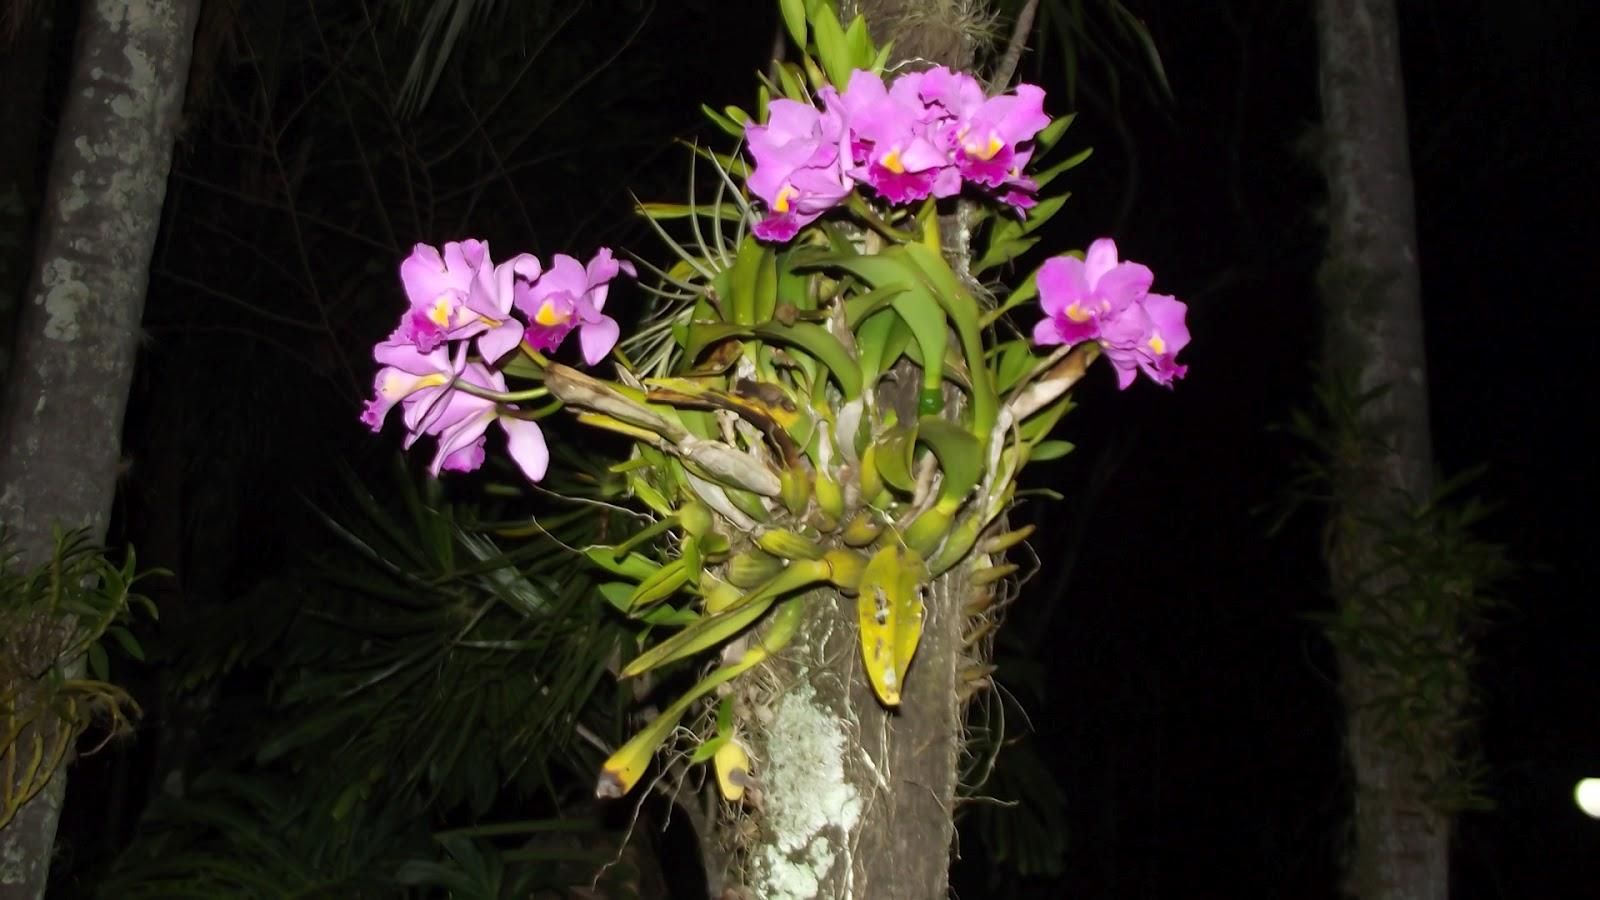 mesa jardim carrefour : mesa jardim carrefour:Mas, como nem só de orquídea, vive um jardim, aqui outra que sempre